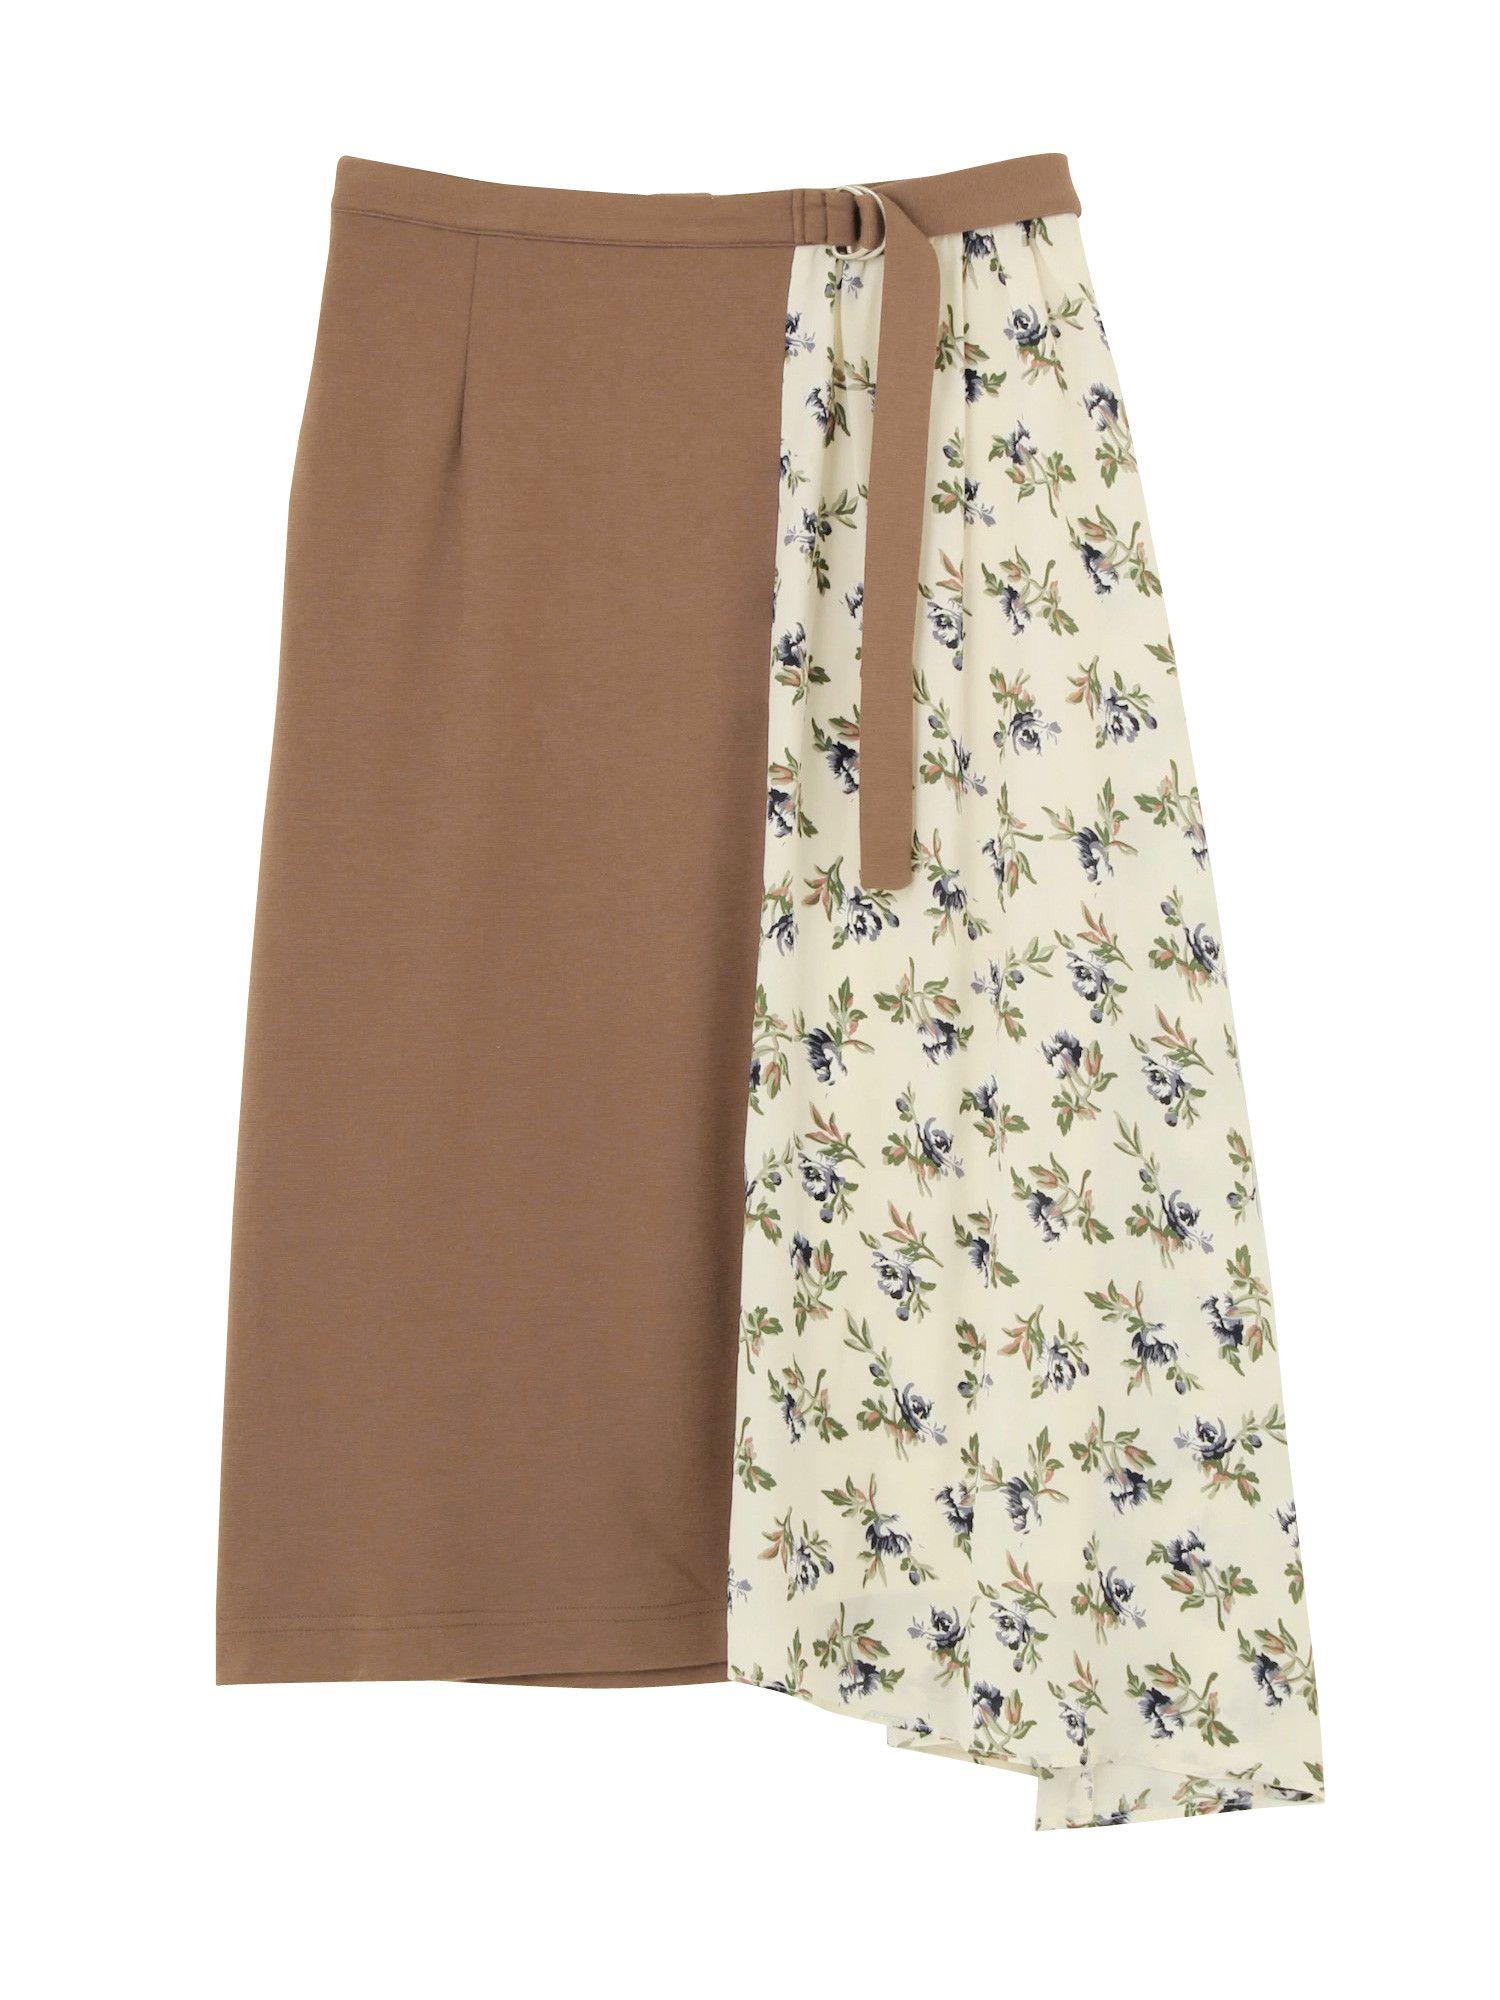 花卉分層式短裙